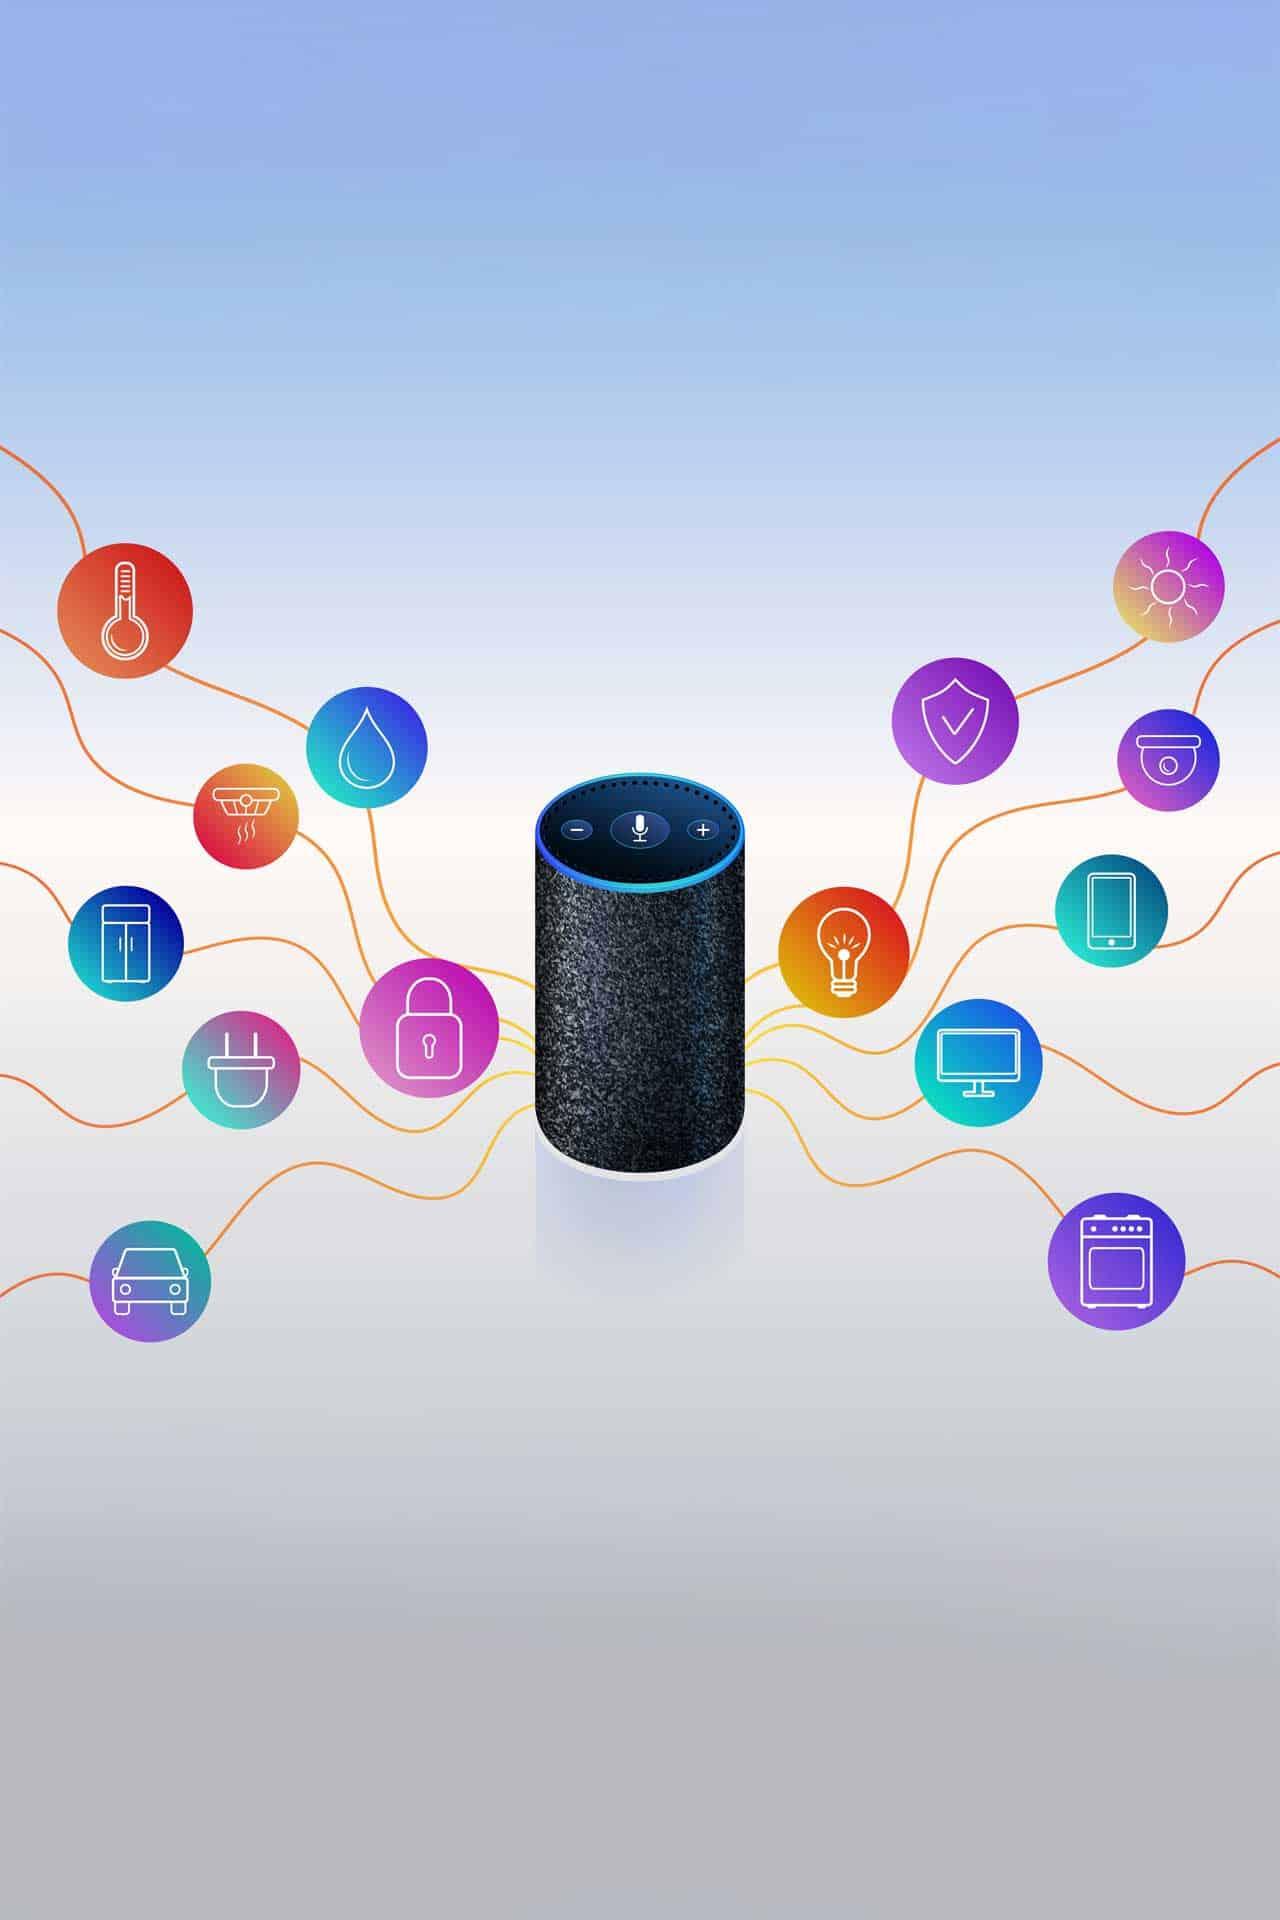 home smart speaker